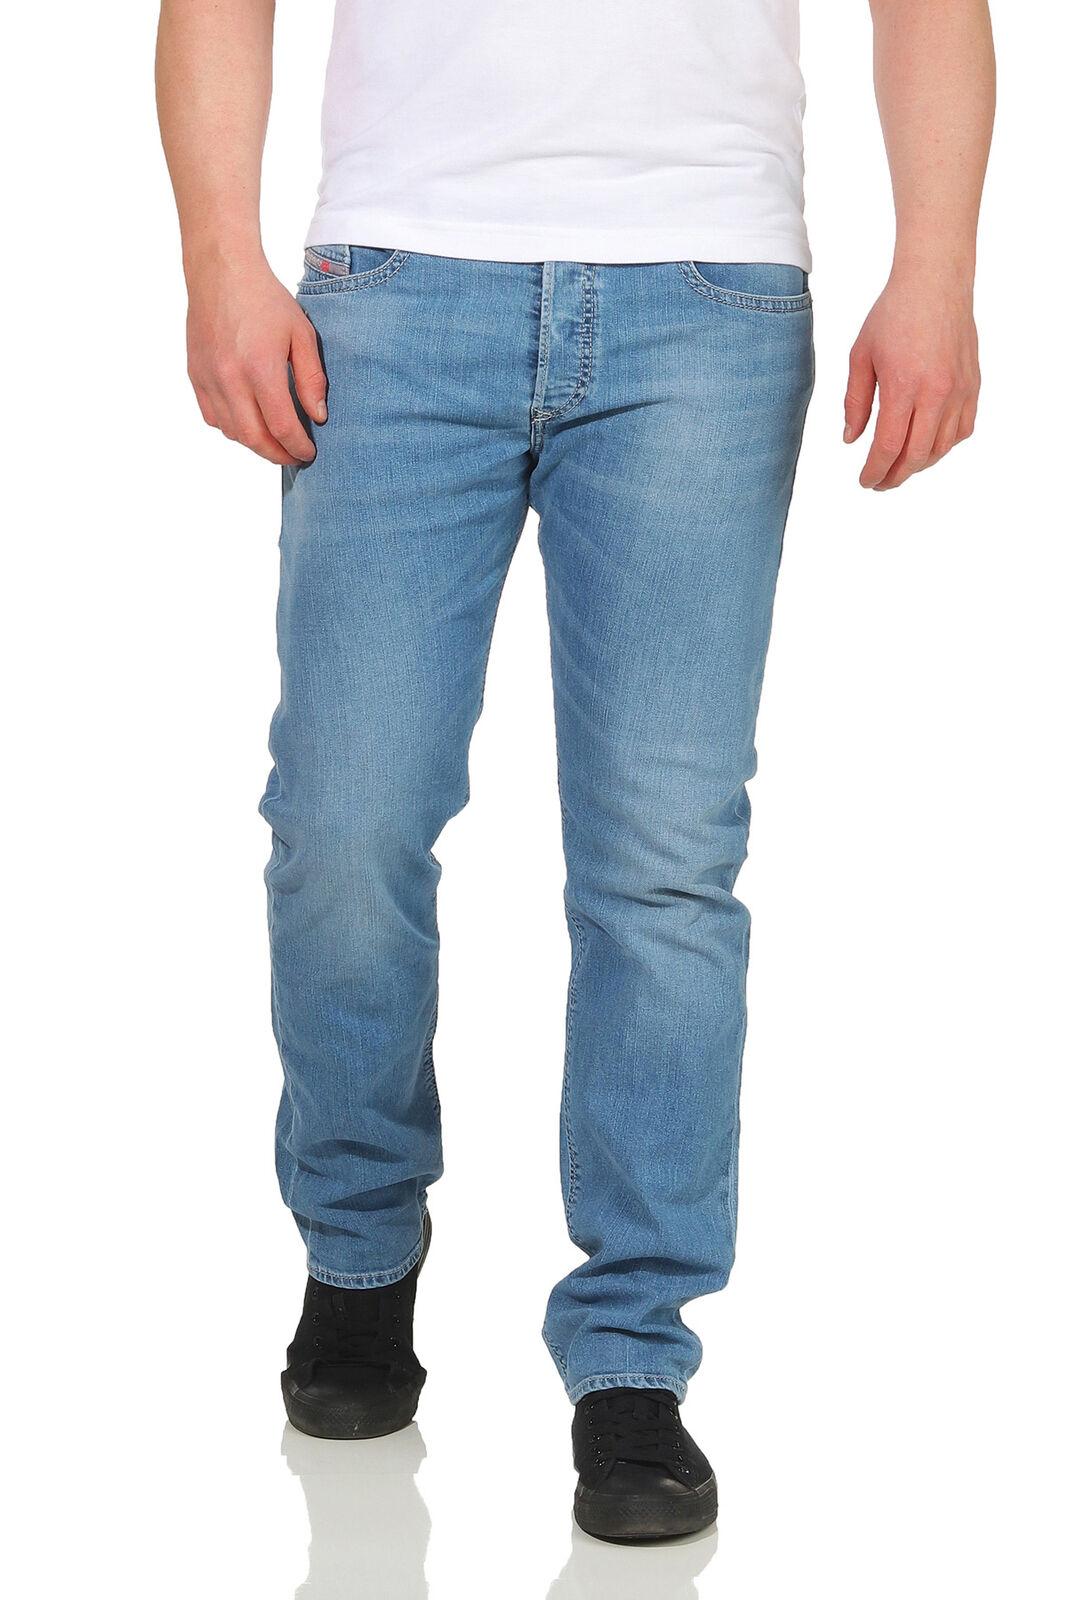 Diesel Jeans Buster Herren Hose Regular Slim Taperot Jeanshose Used Used Used Look Pant 1e3771